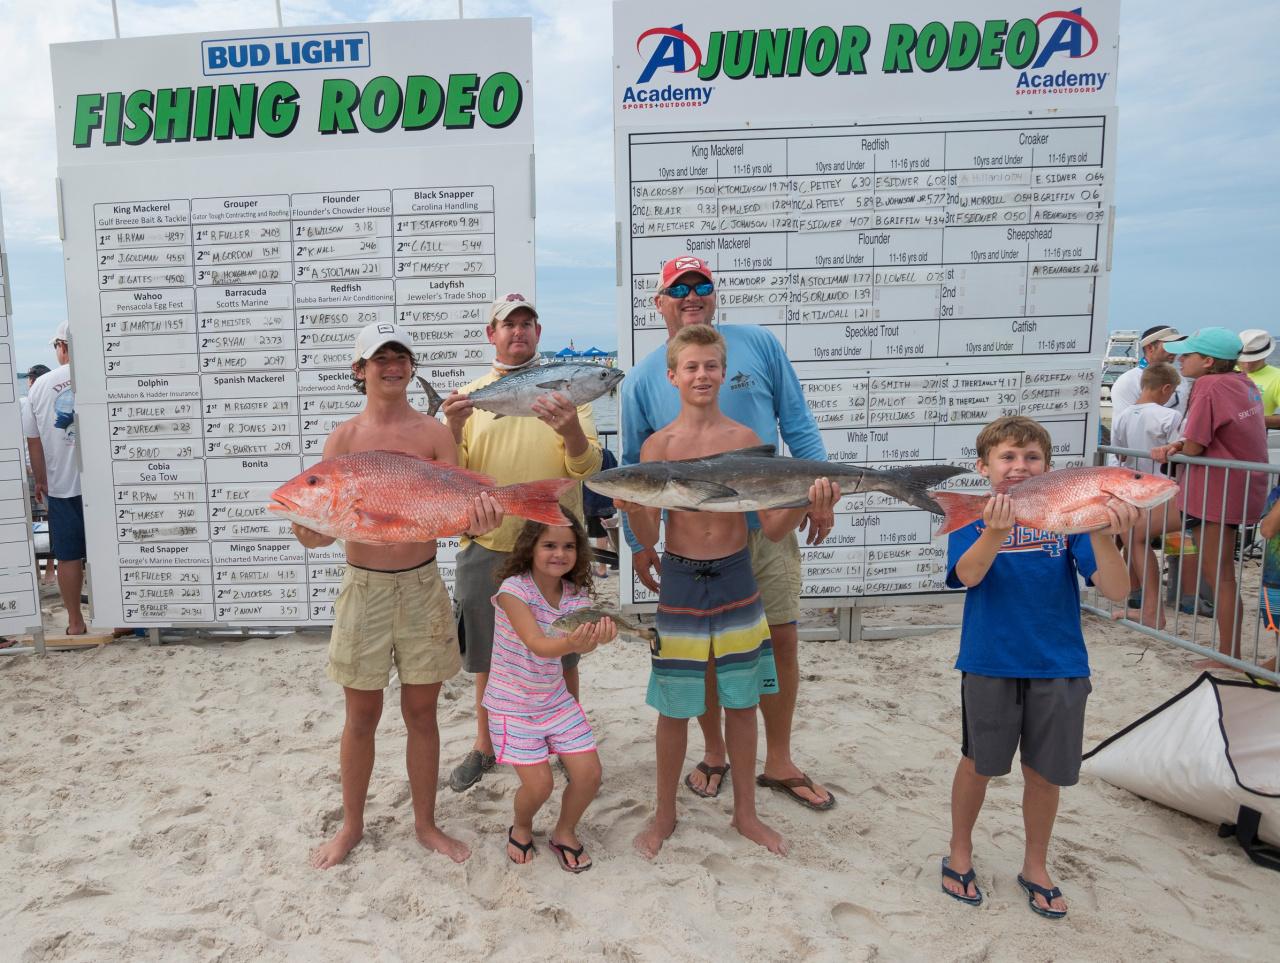 2019 Bud Light Fishing Rodeo - June 21-24-23-jpg